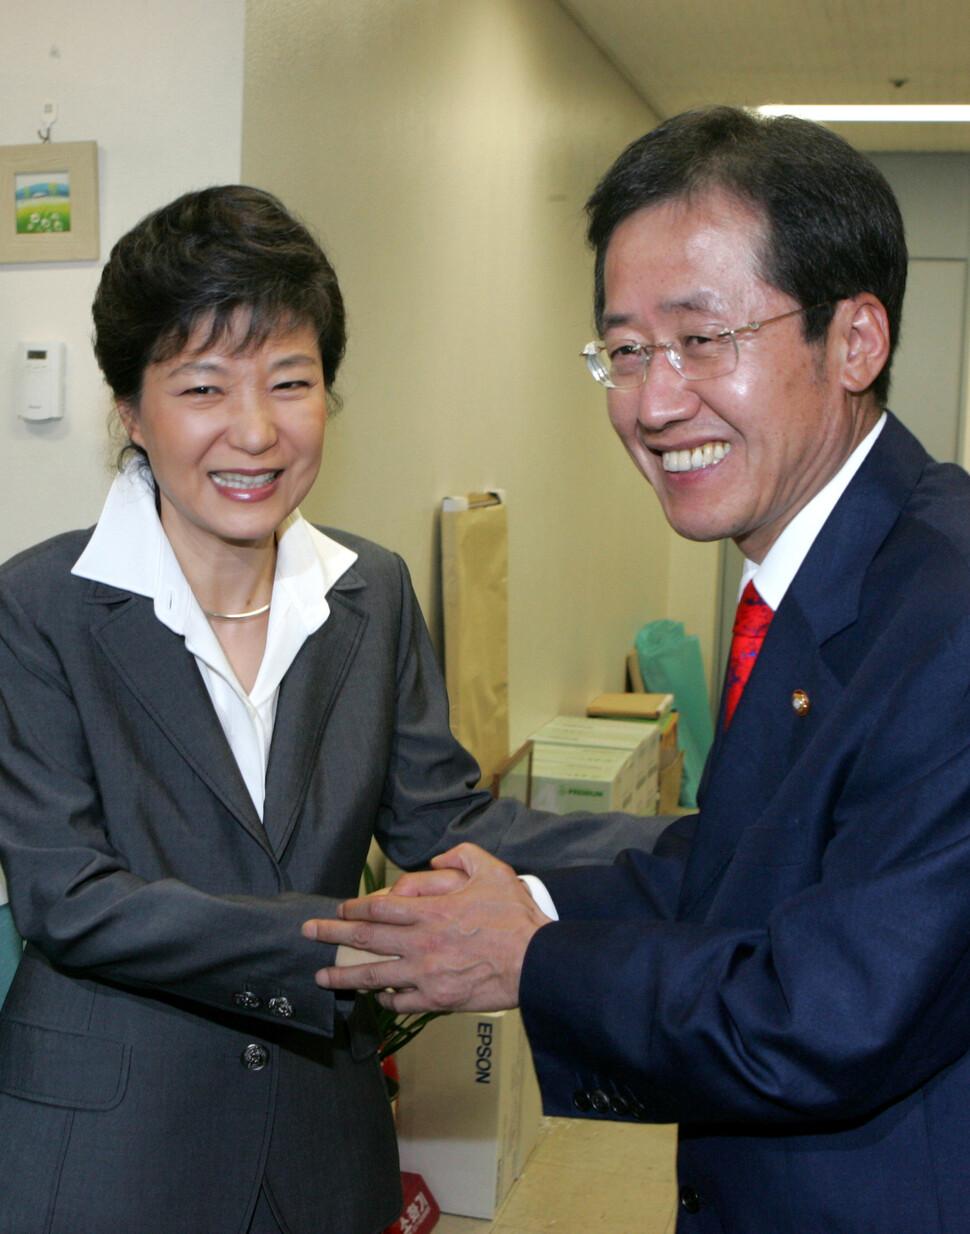 박근혜와 홍준표가 사진기 앞에서 친한 척 보이려고 애를 쓴다. 풍자만화 같은 두 사람의 어색한 표정이 아무리 봐도 질리지 않는다. 2008년에 강재훈 기자가 찍었다.